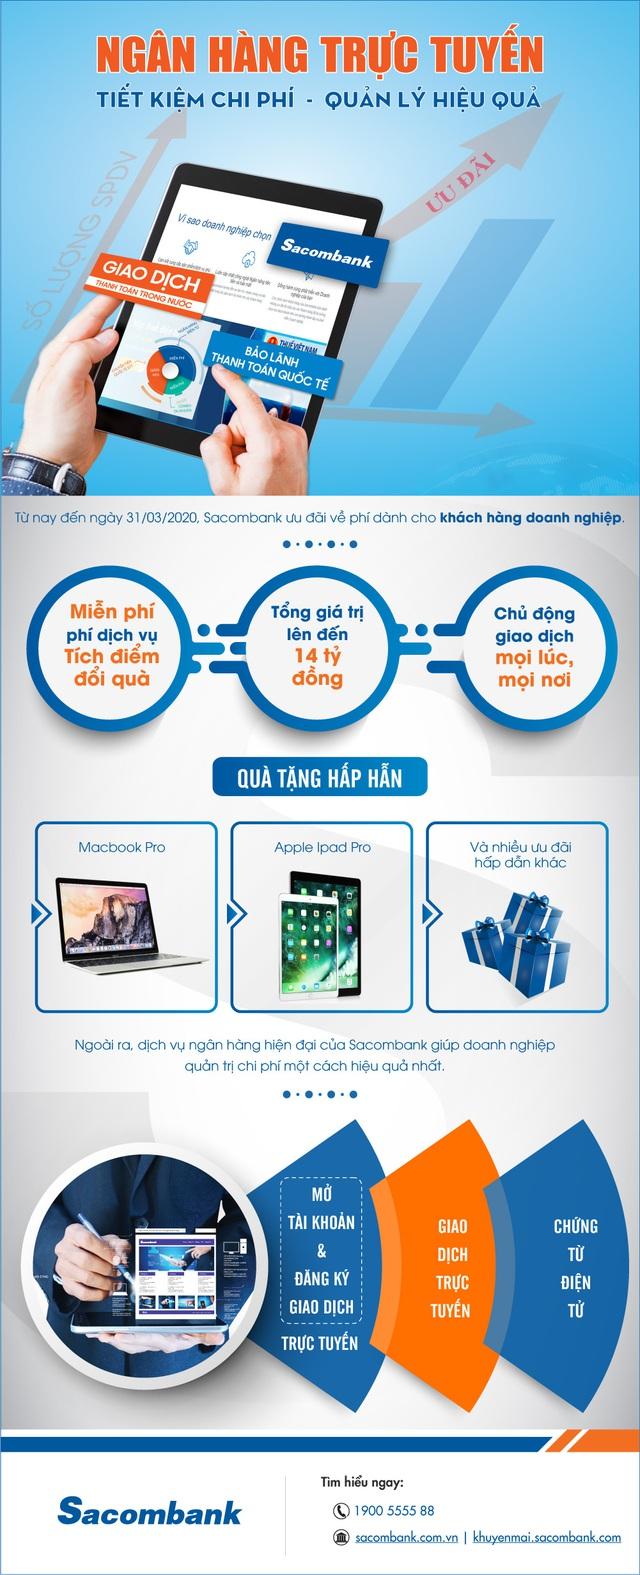 Ngân hàng trực tuyến Sacombank giúp doanh nghiệp quản lý hiệu quả - Ảnh 1.